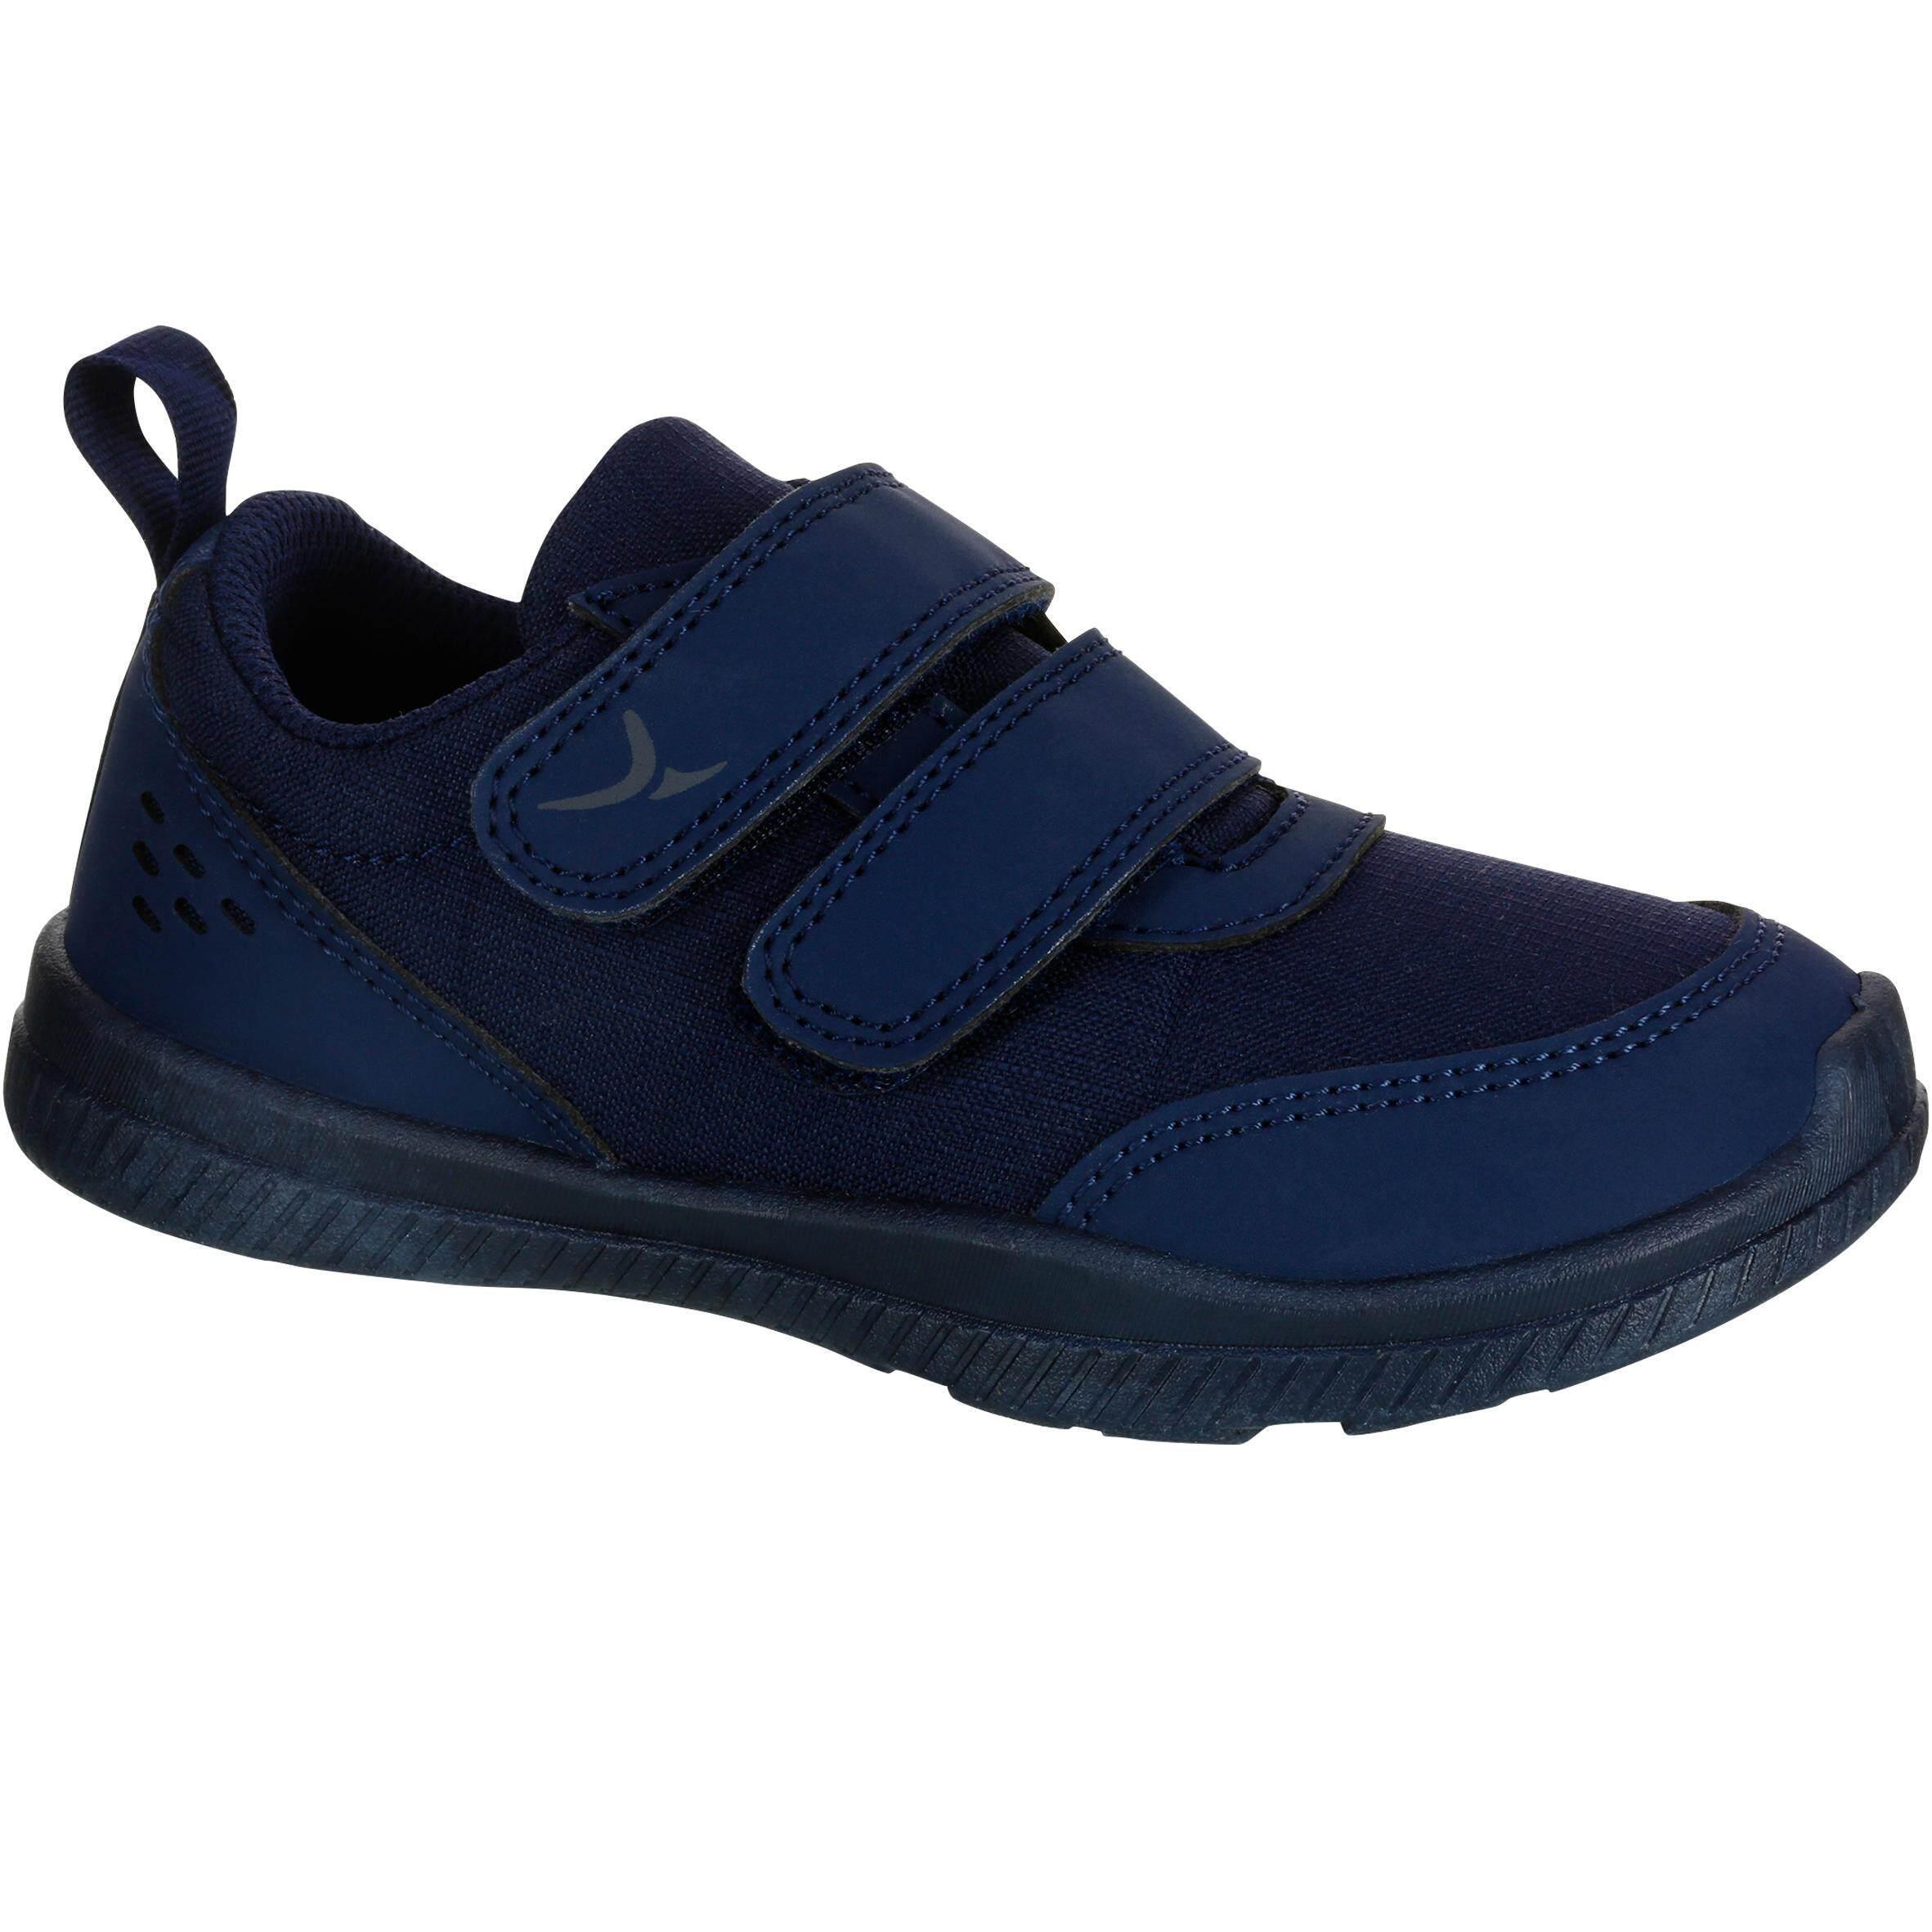 [ใครว่าของดี ต้องแพง!!!]รองเท้าสำหรับกายบริหารทั่วไปรุ่น 150 I MOVE FIRST (สีกรมท่า)